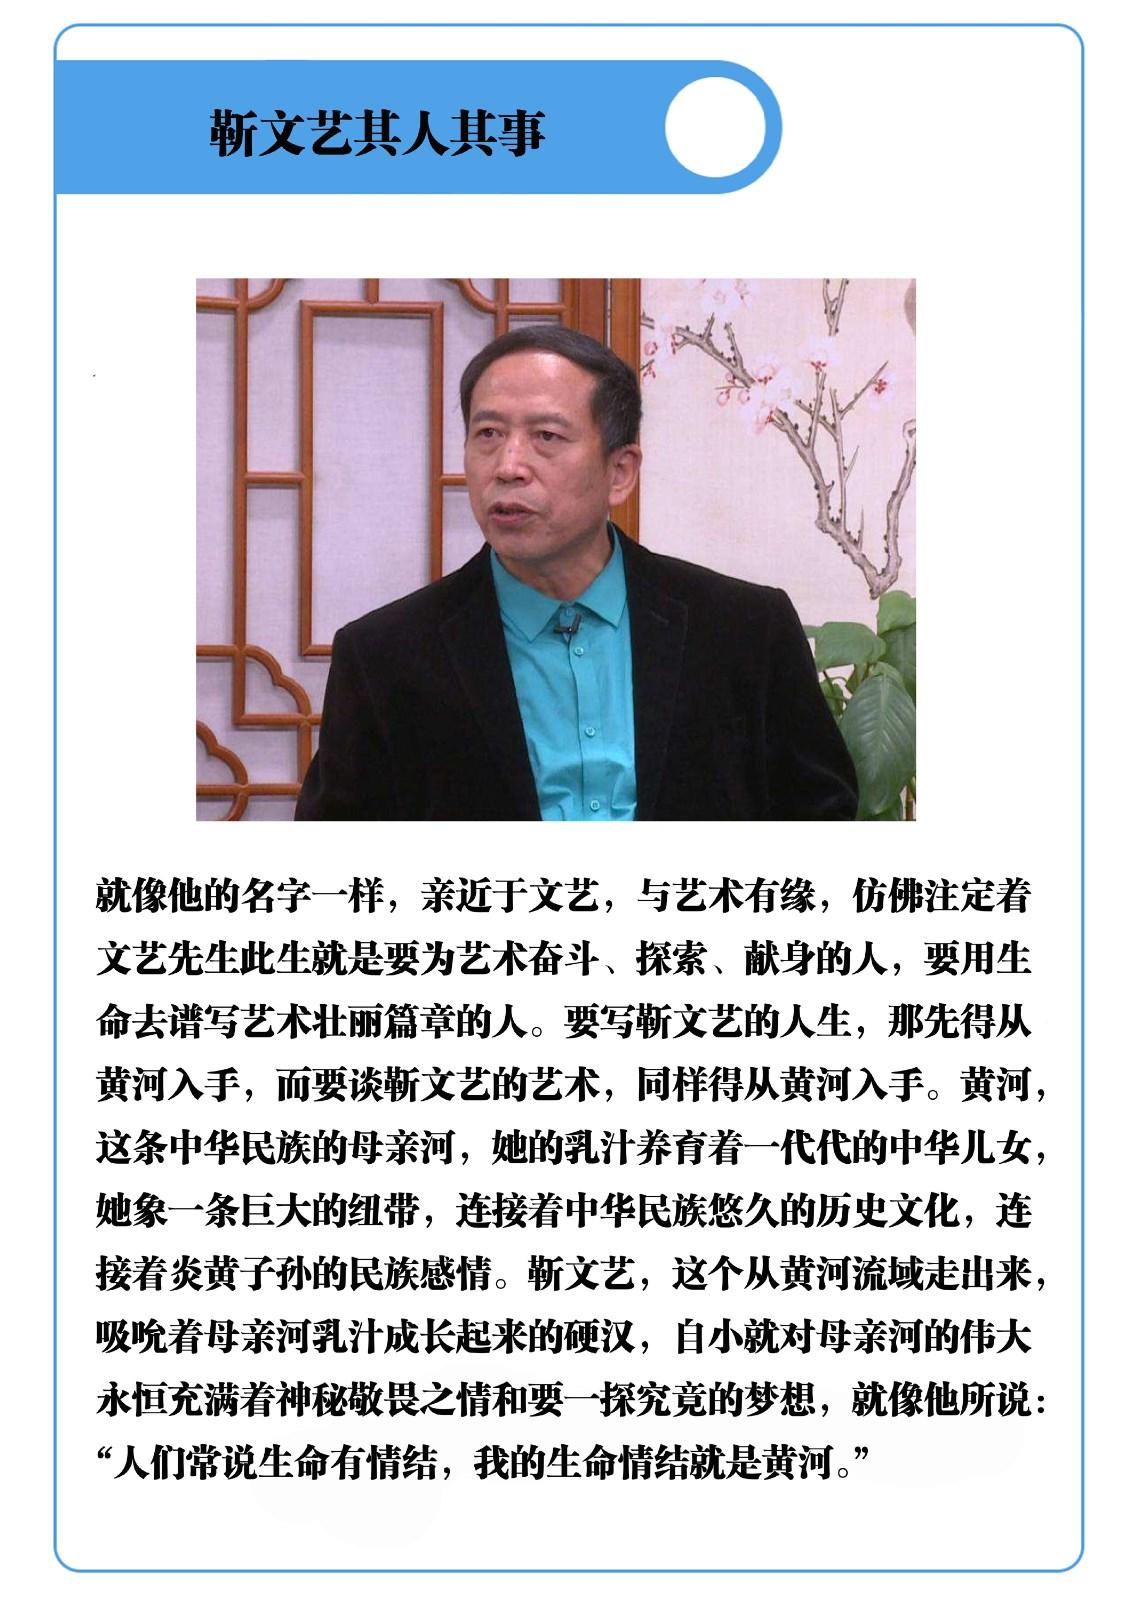 国画导师靳文艺先生作品   欢迎关注分享收藏_图1-5